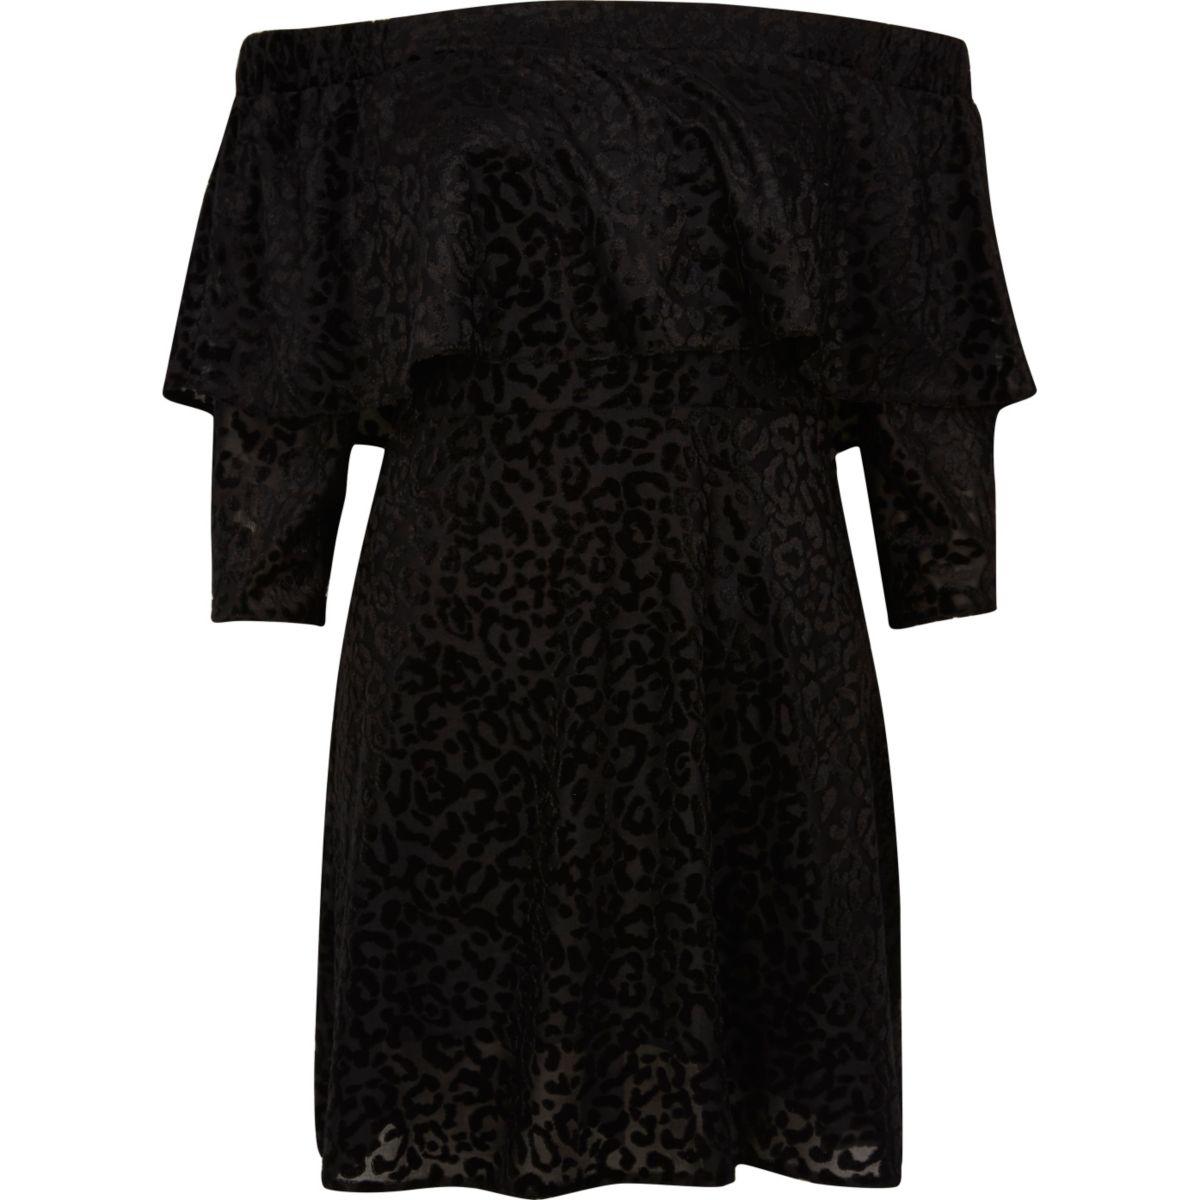 Bardot-Swing-Kleid mit Rüschen